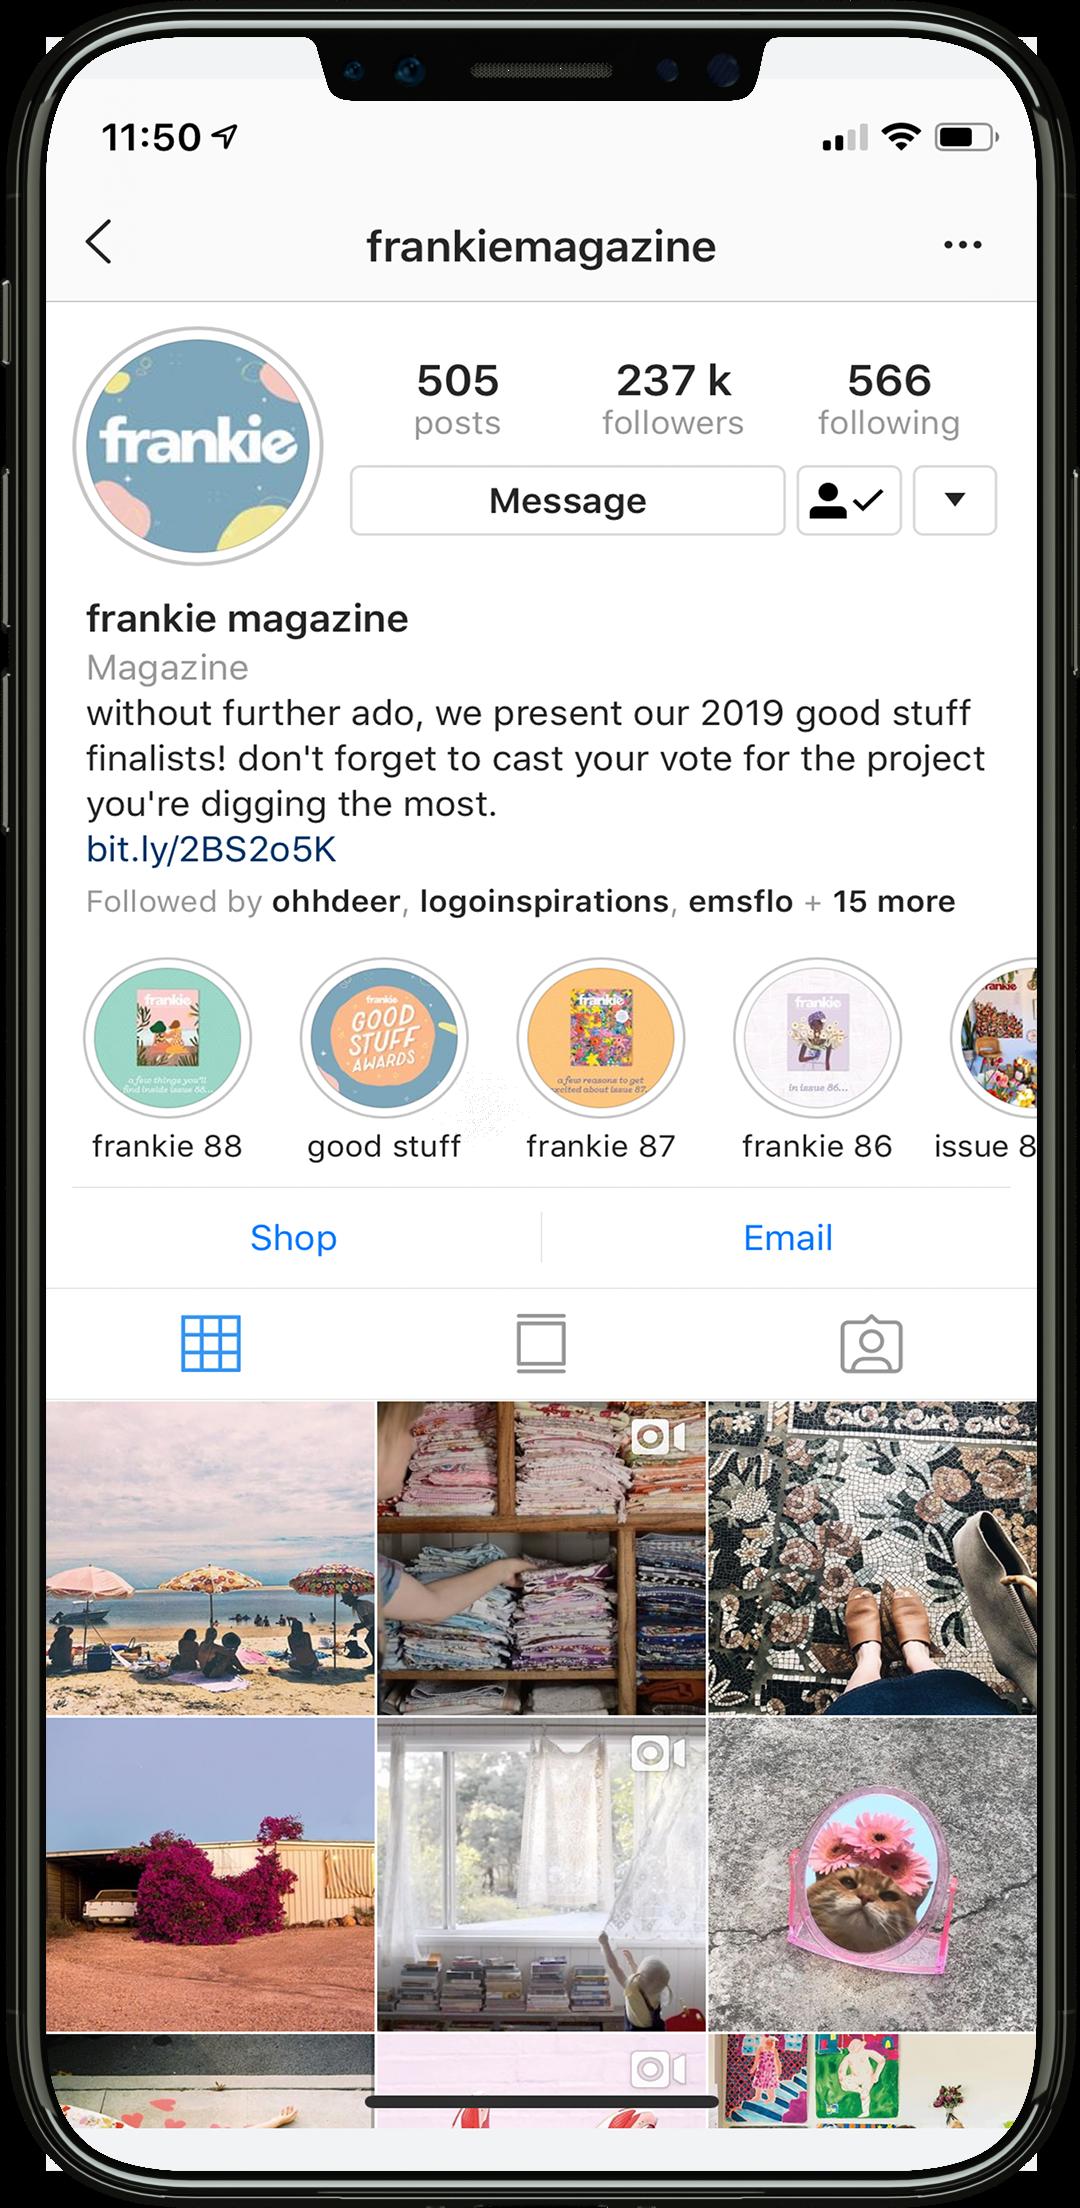 frankie instagram photos